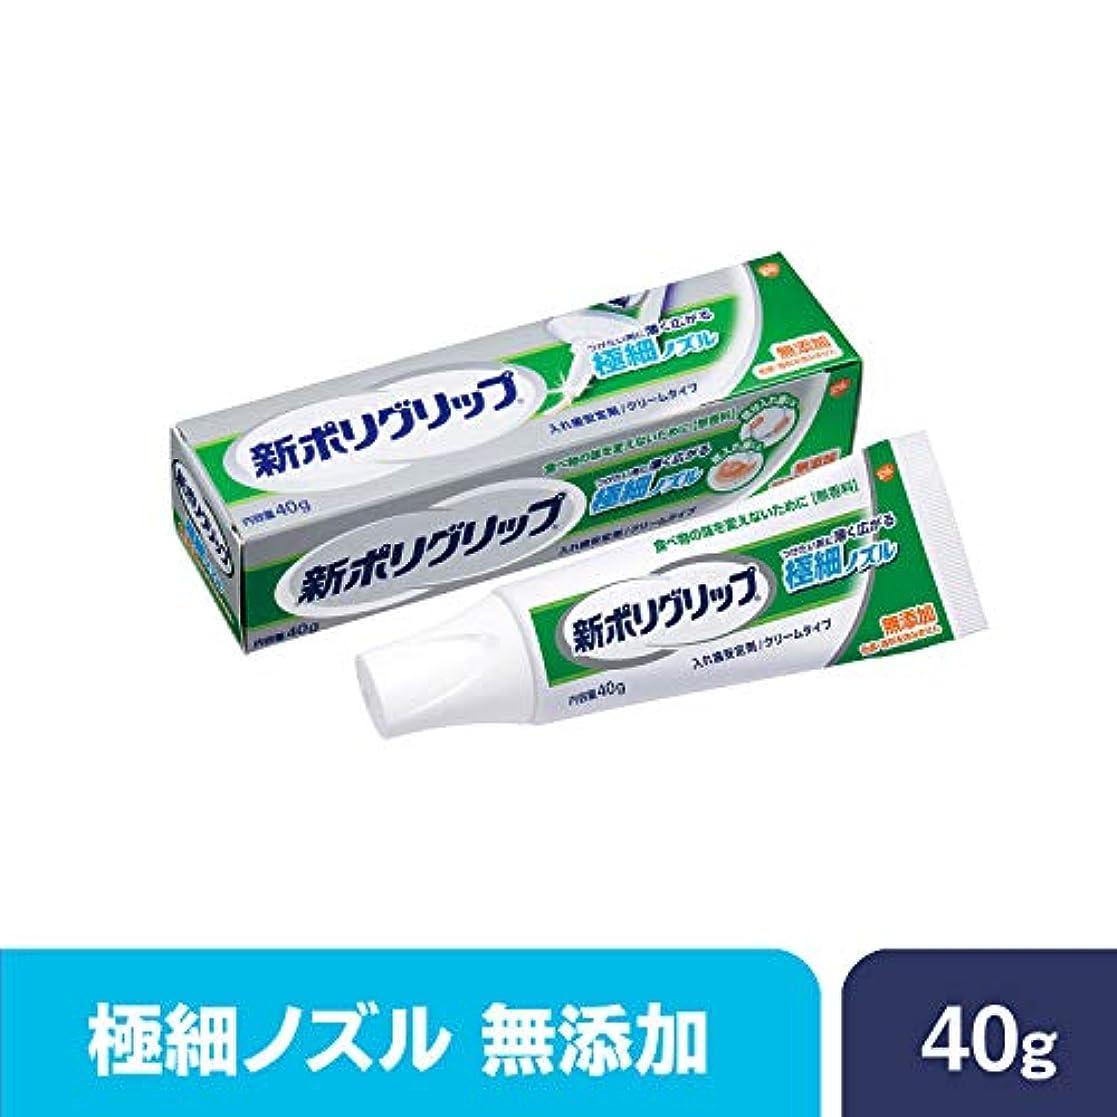 苦い実験室原告部分?総入れ歯安定剤 新ポリグリップ極細ノズル 無添加 40g